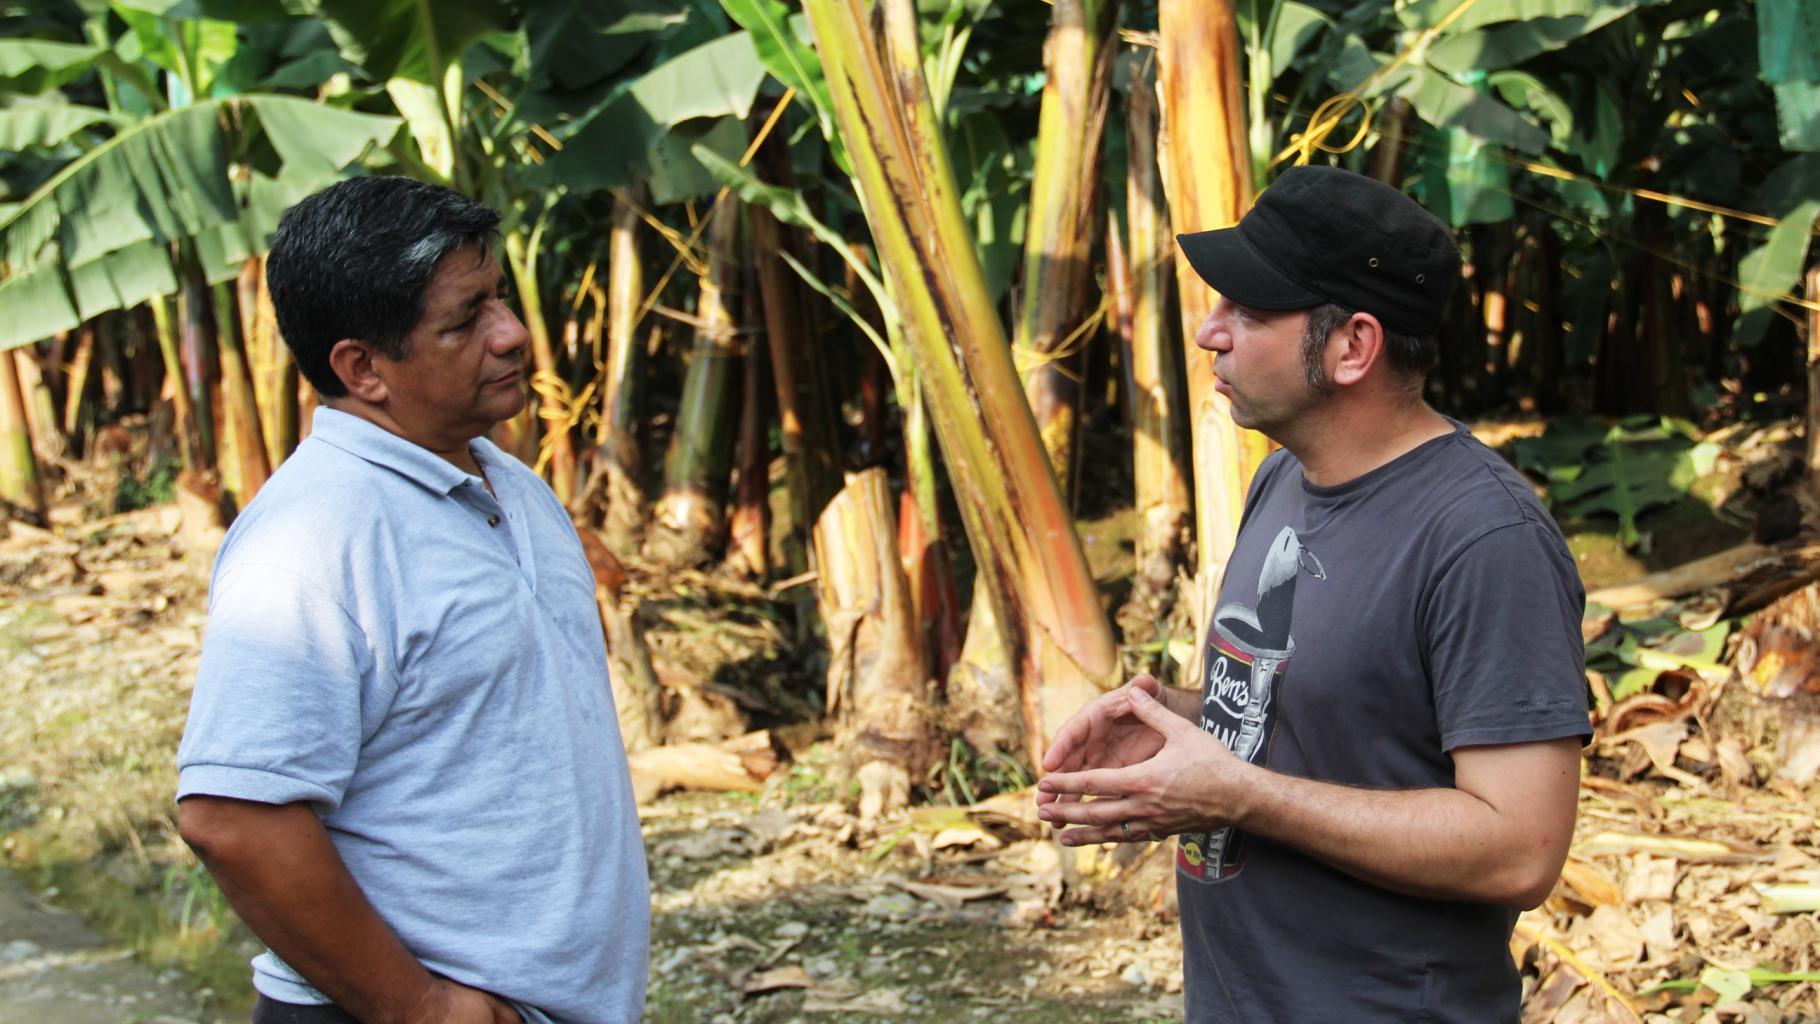 Ole Plogstedt unterhält sich mit Jorge Acosta vor Bananenstauden